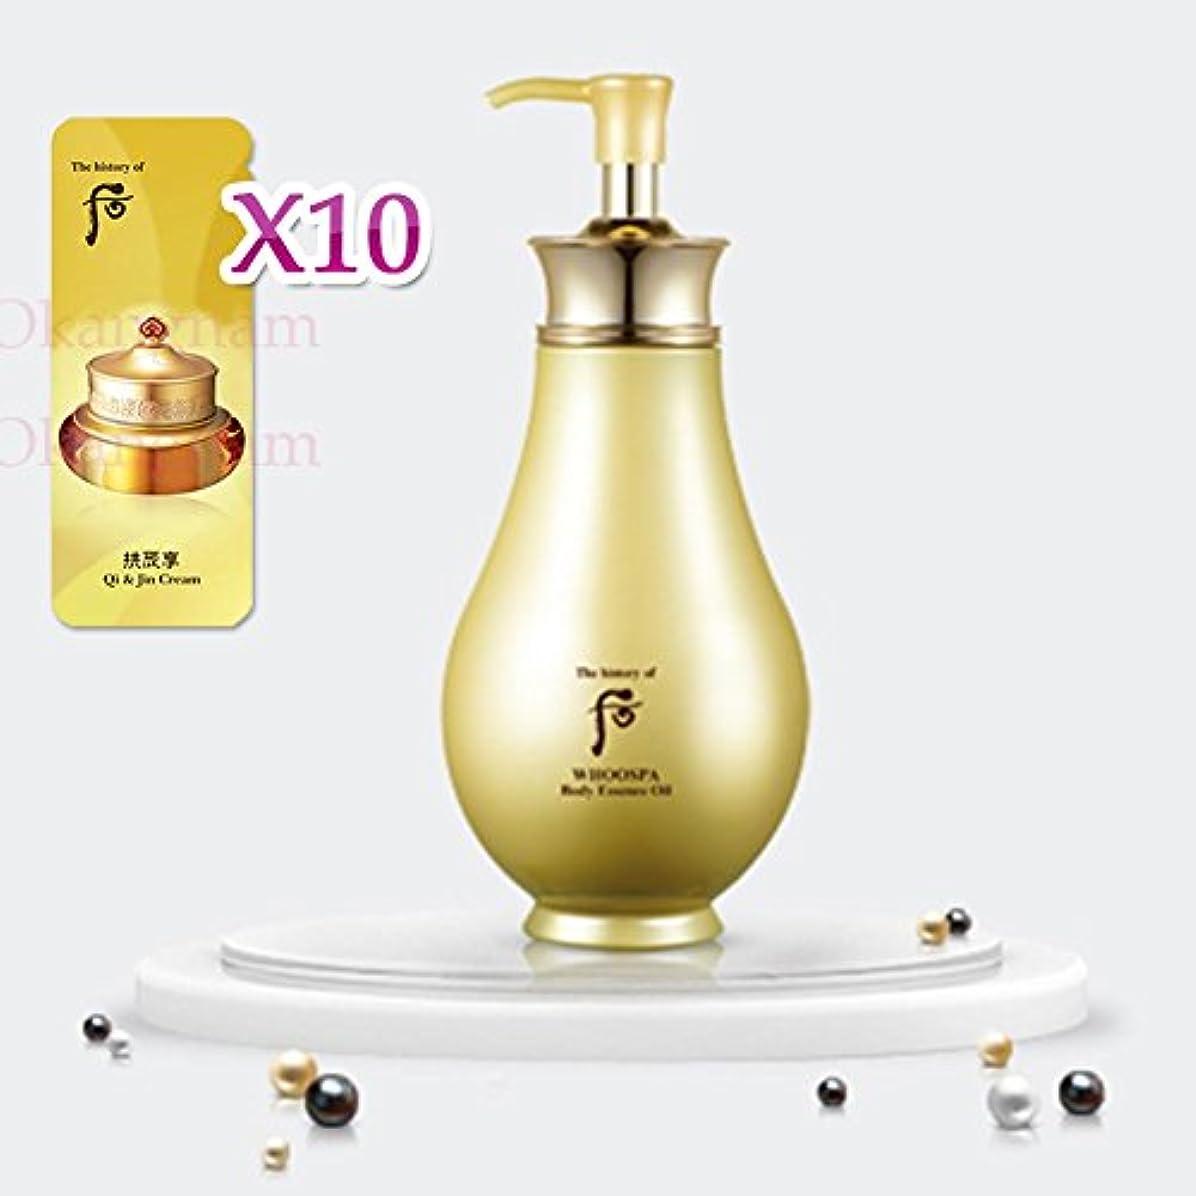 ありがたい無視する日付付き【フー/The history of whoo] Whoo后SPA03 Whoo Spa Body Essence Oil/后(フー)フス派ボディエッセンスオイル + [Sample Gift](海外直送品)